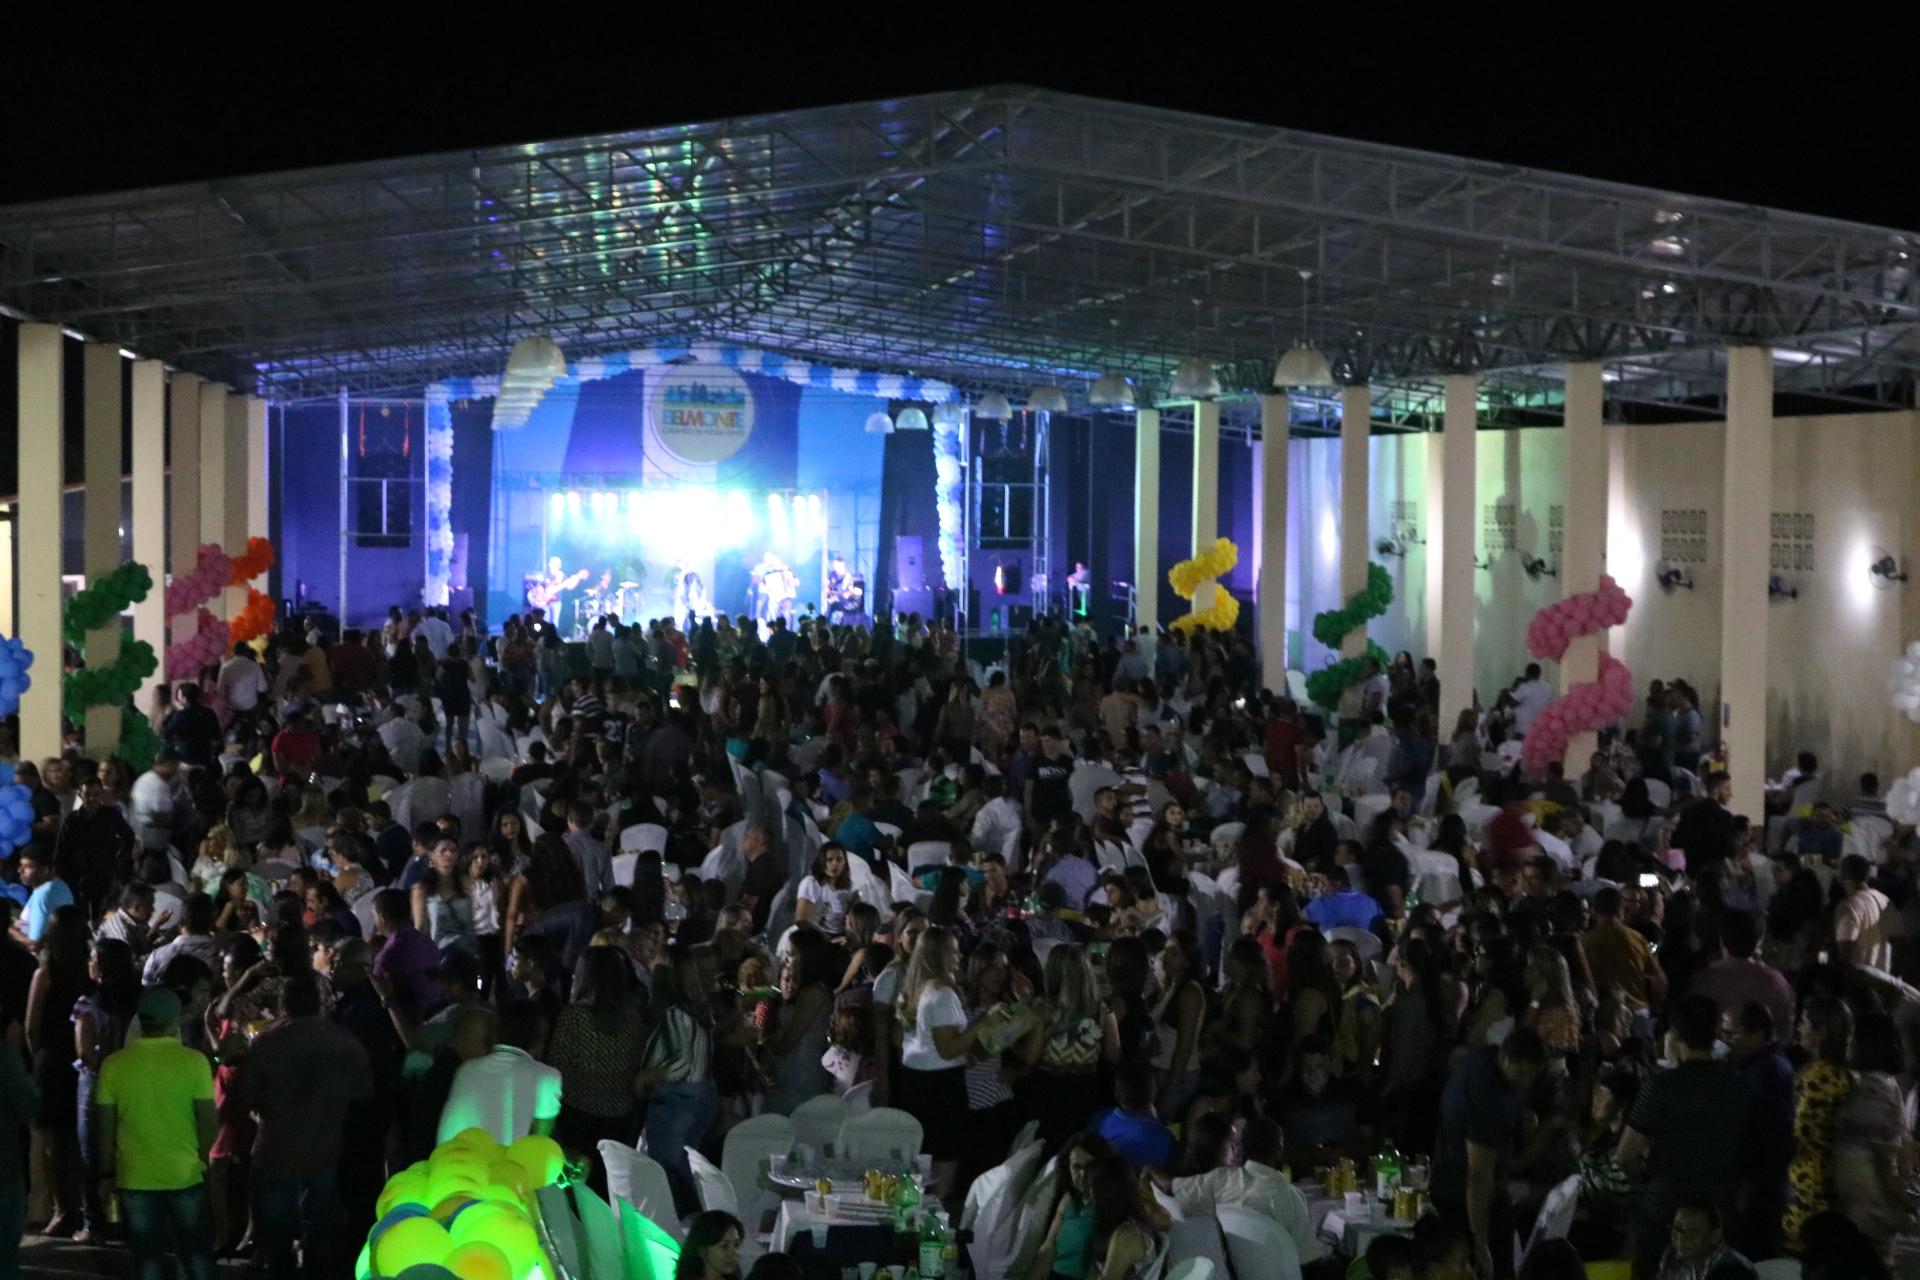 1ª Confraternização dos Servidores Municipais reúne cerca de 1,5 mil pessoas em São José do Belmonte